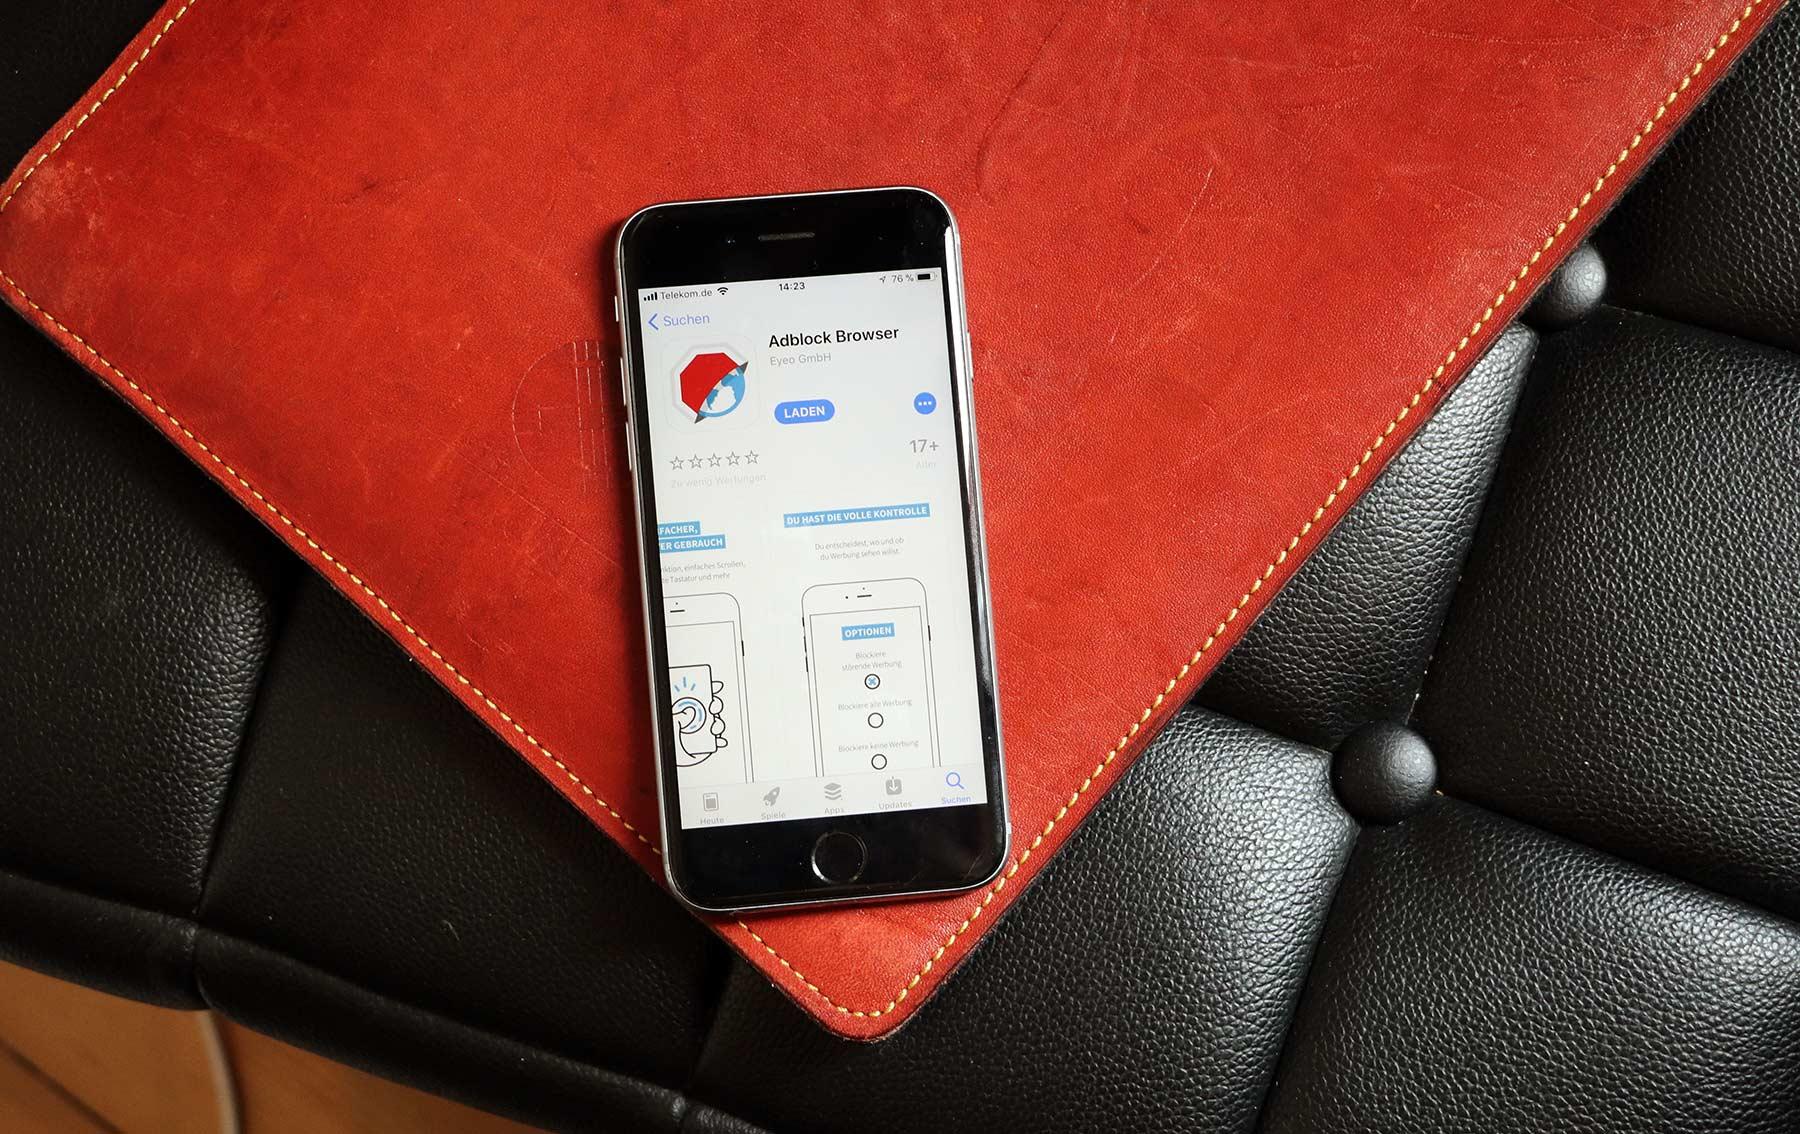 Werbefrei mobil surfen mit dem Adblock Browser 2.0